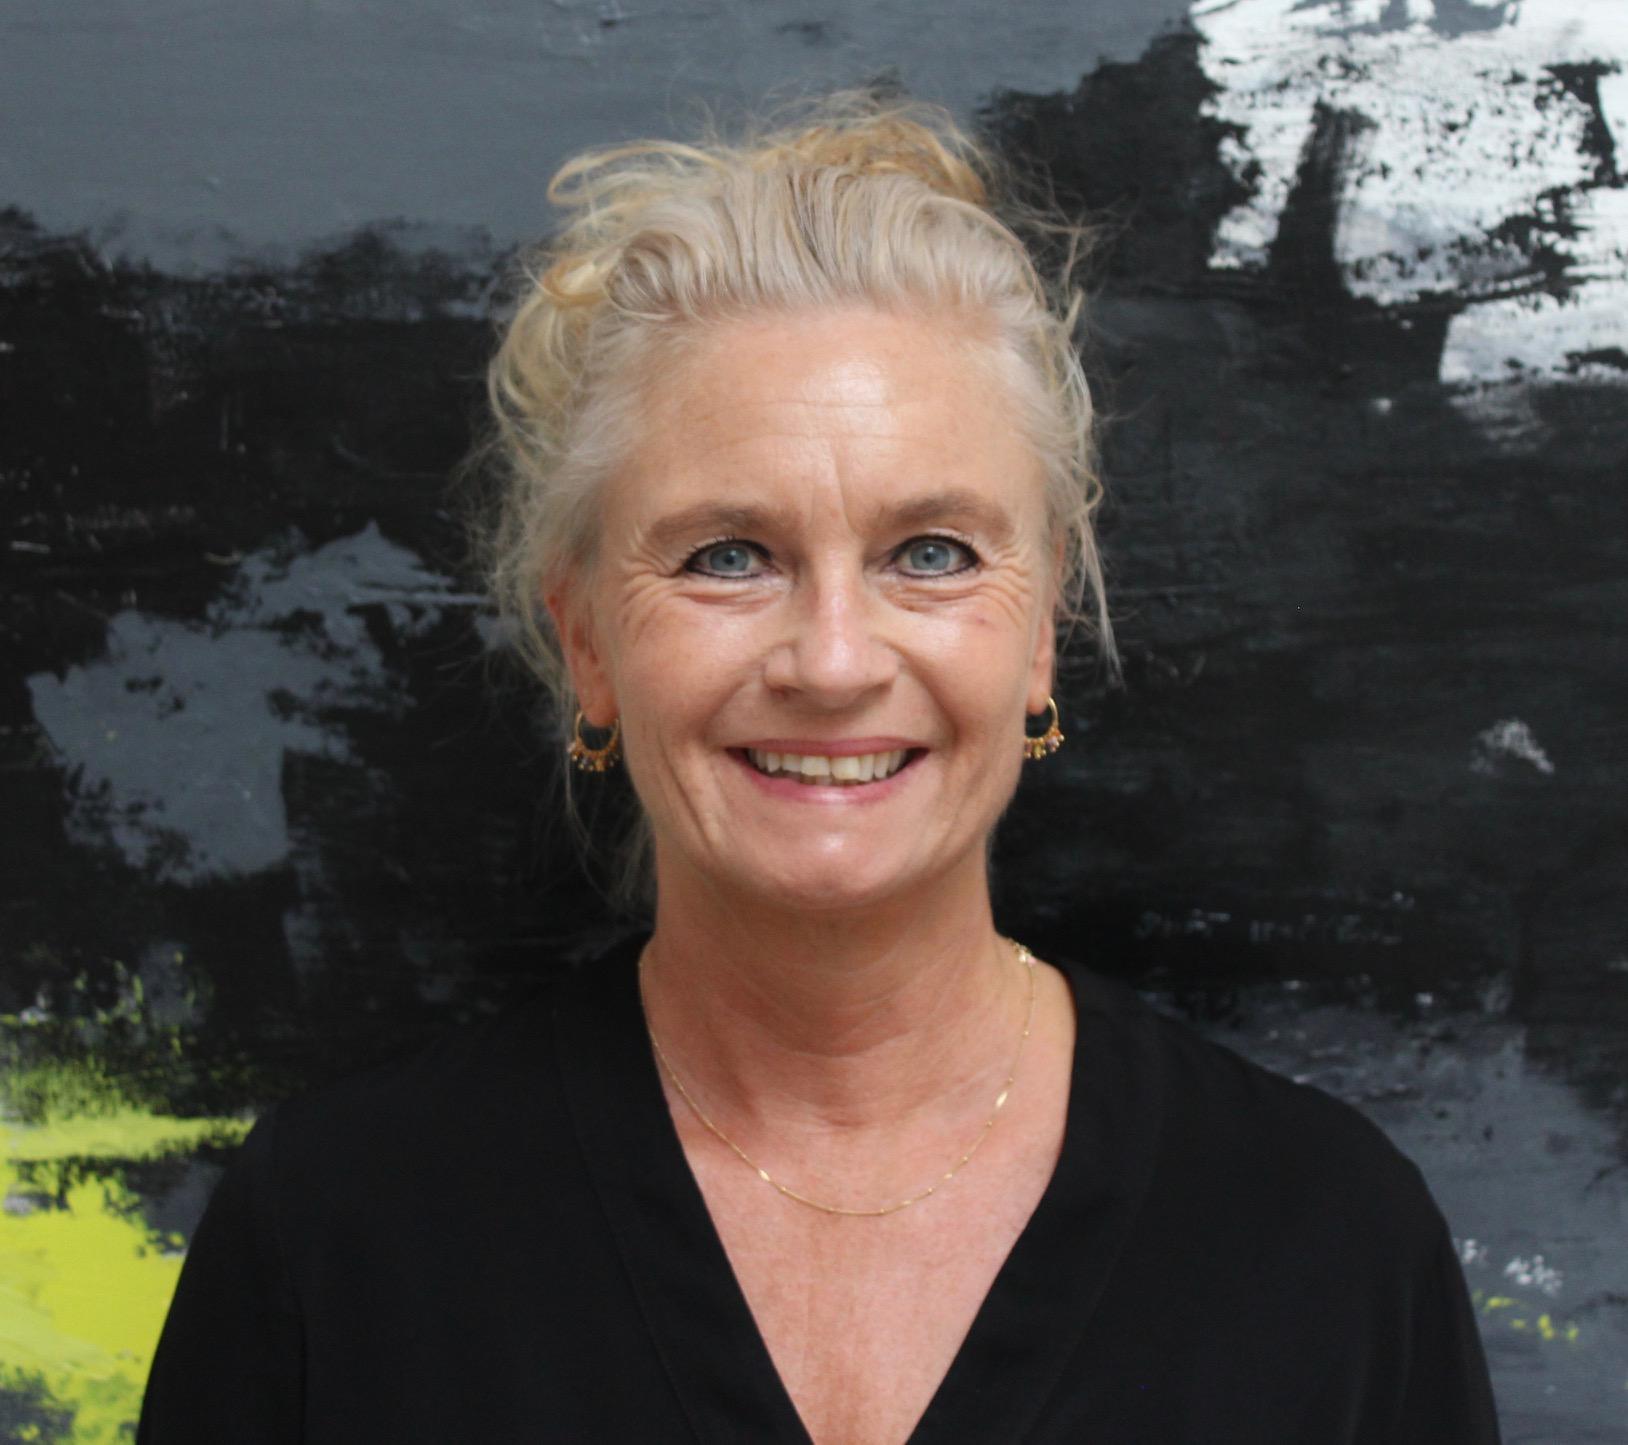 Lotte Ørneborg Rodkjær